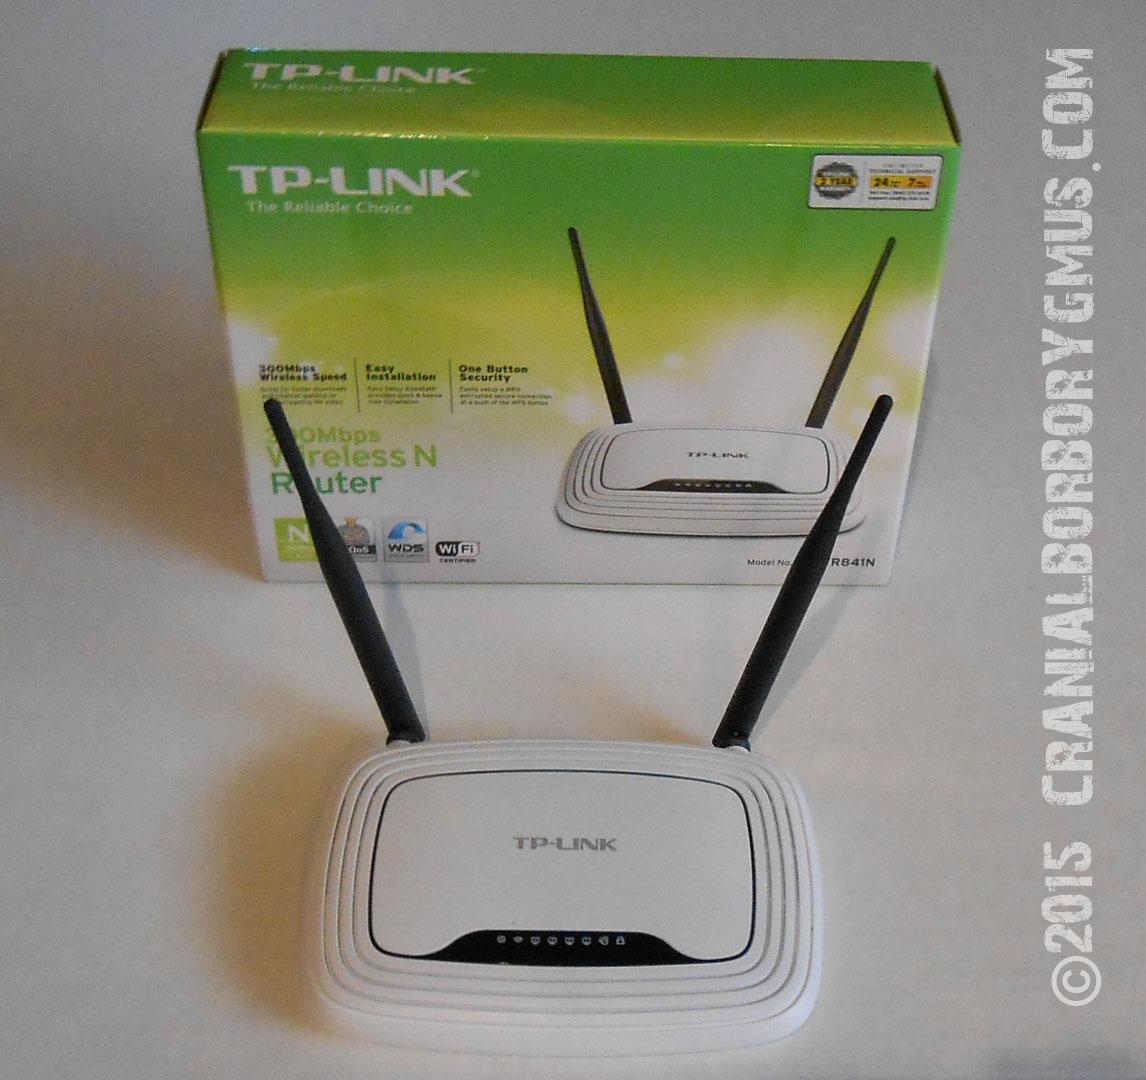 Best Cheap Wireless Wifi Internet Router - TP-LINK TL-WR841N